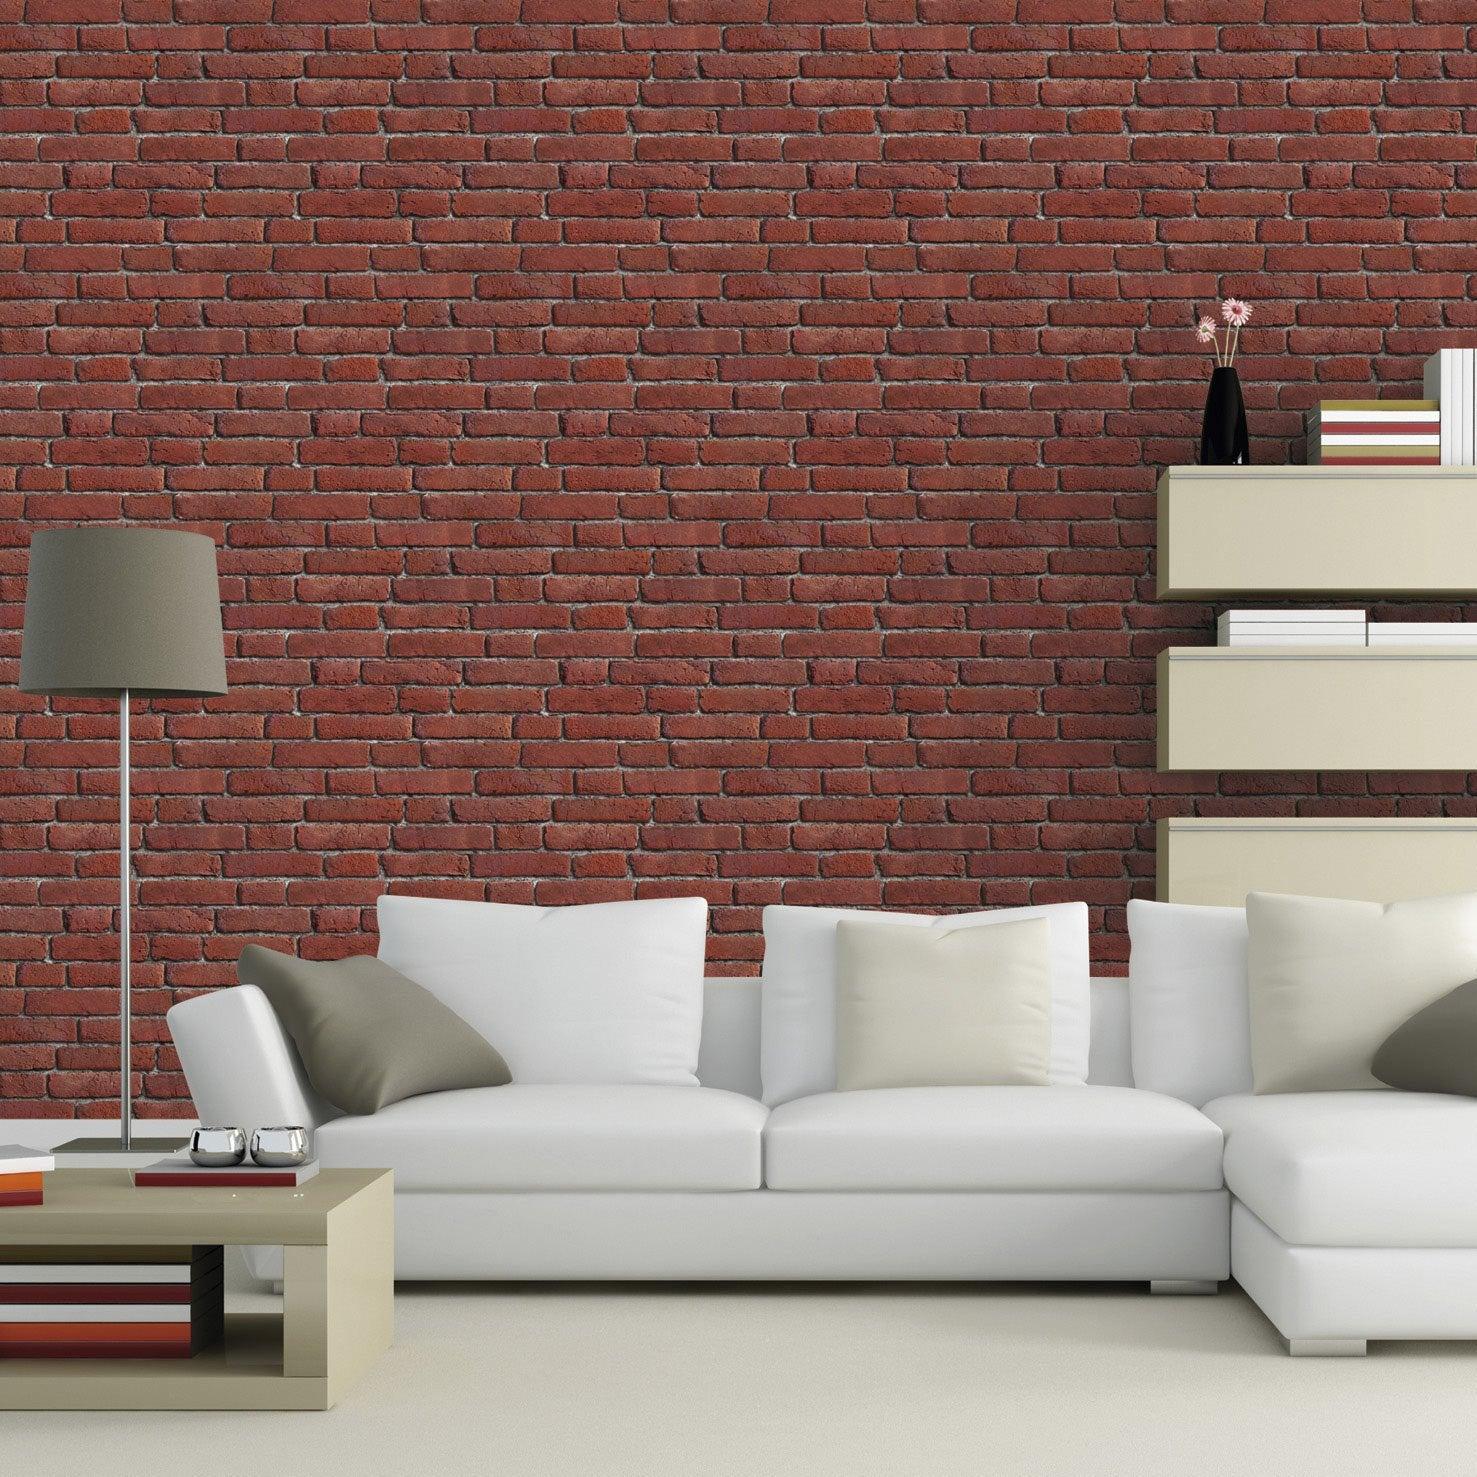 Papier peint intiss briques anciennes orange leroy merlin - Papier peint brique rouge ...